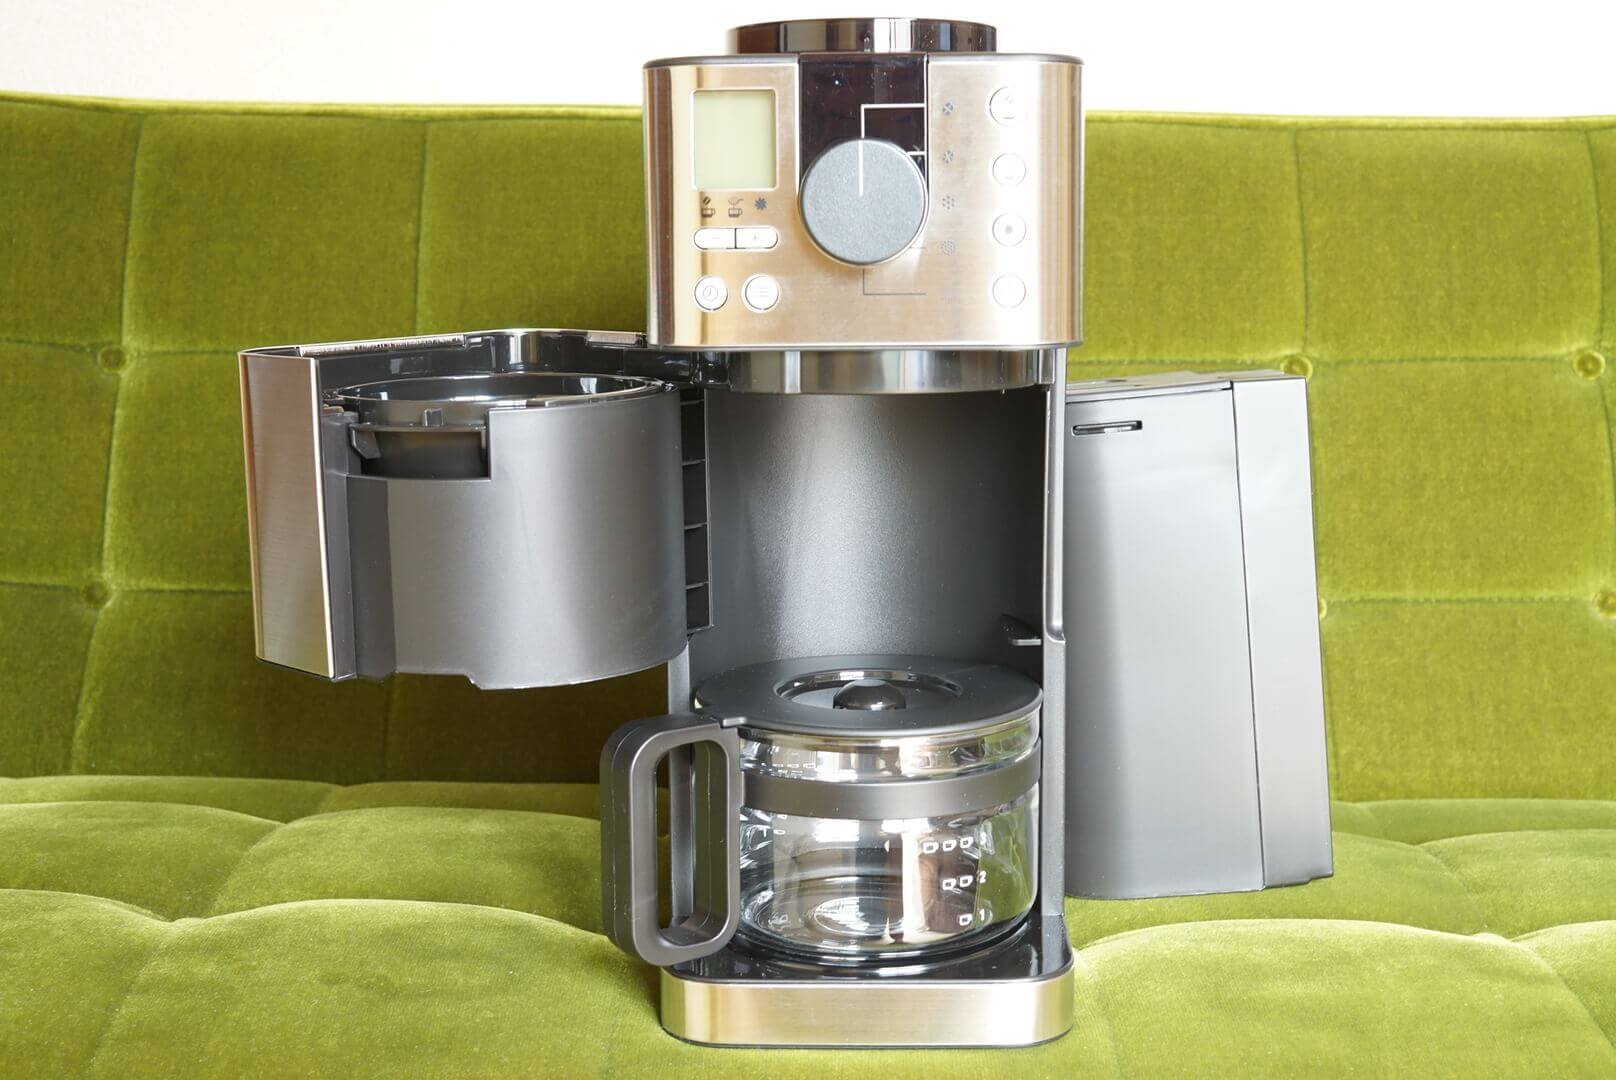 無印のコーヒーメーカーの水タンクとドリッパーを開いた状態